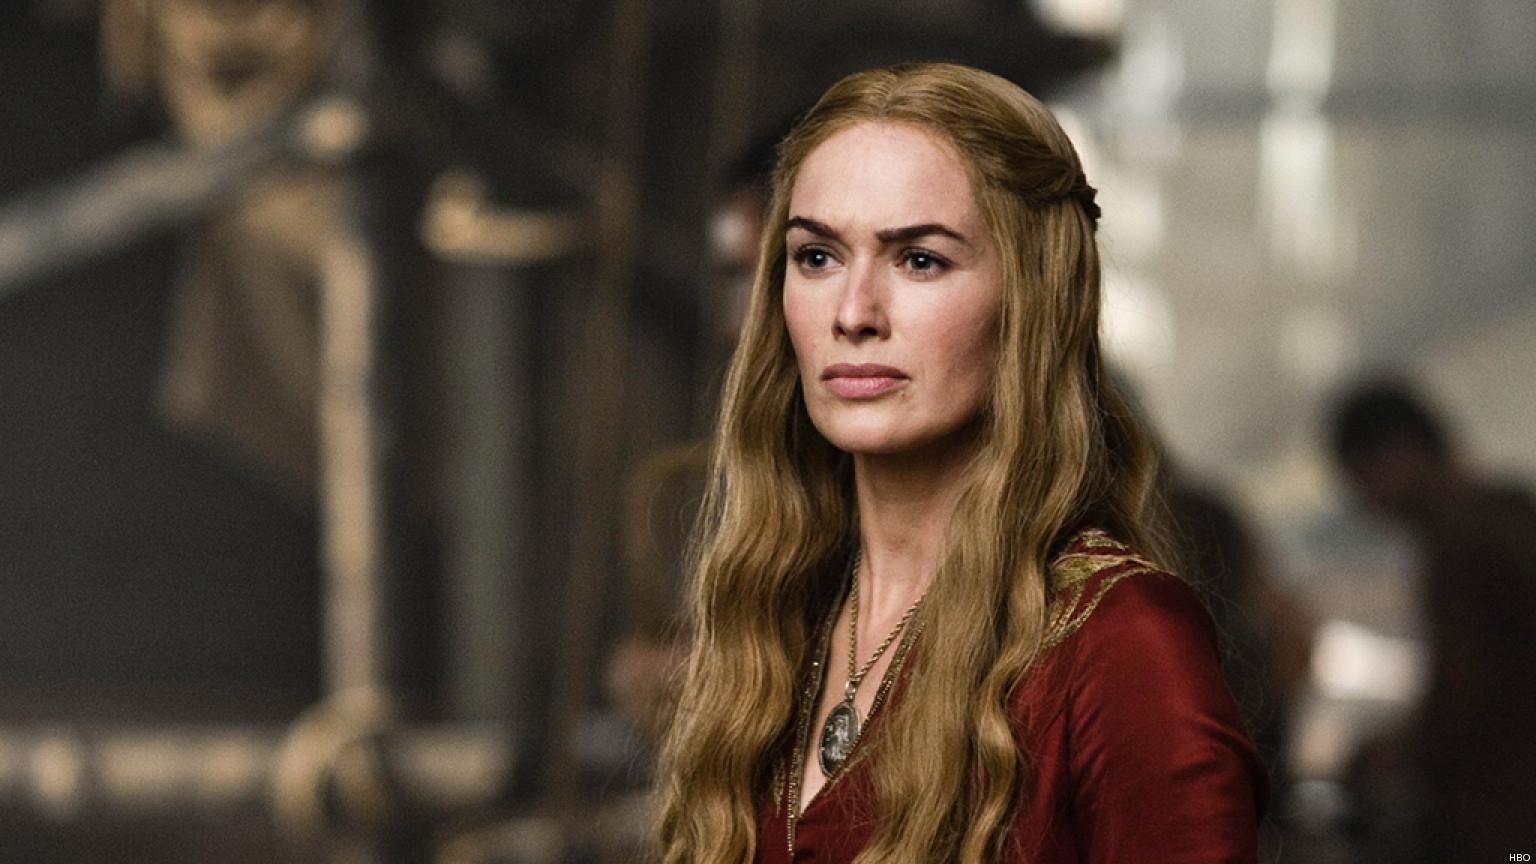 Cersey Lannister - Juego de Tronos